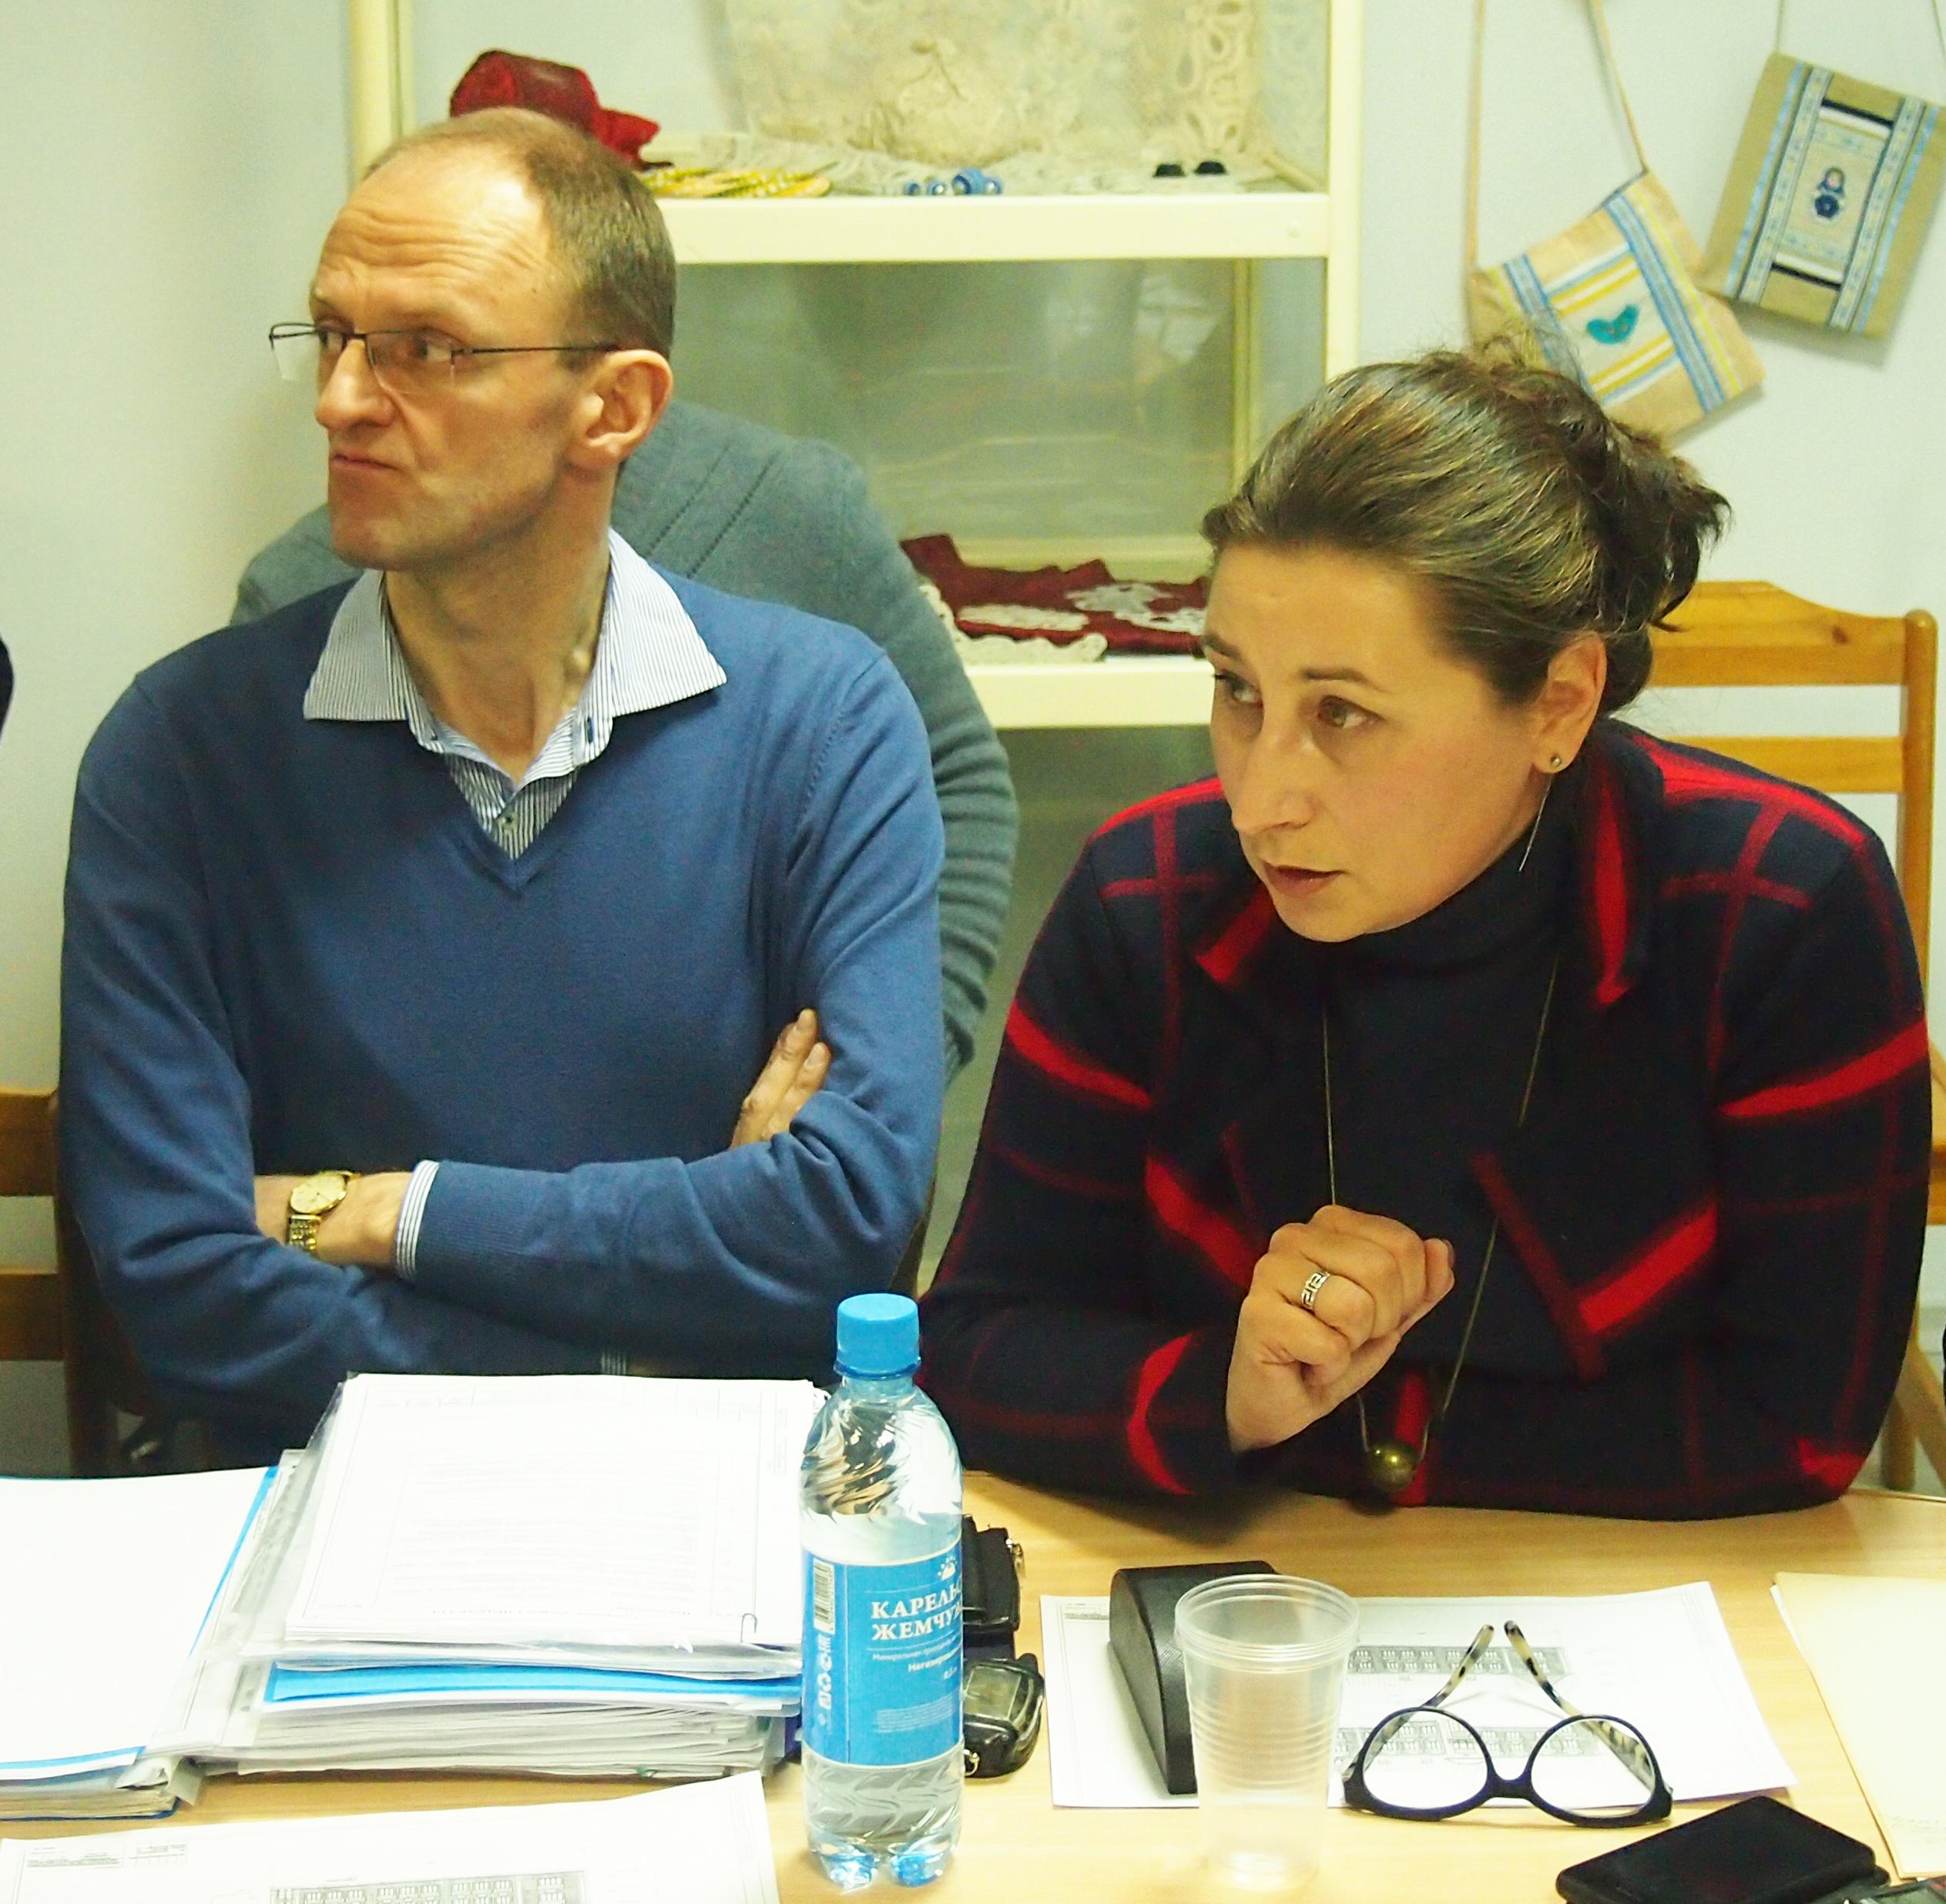 Эксперт Юлия Свешникова и собственник здания, бизнесмен Чеслав Скрипин. Фото: Валерий Поташов